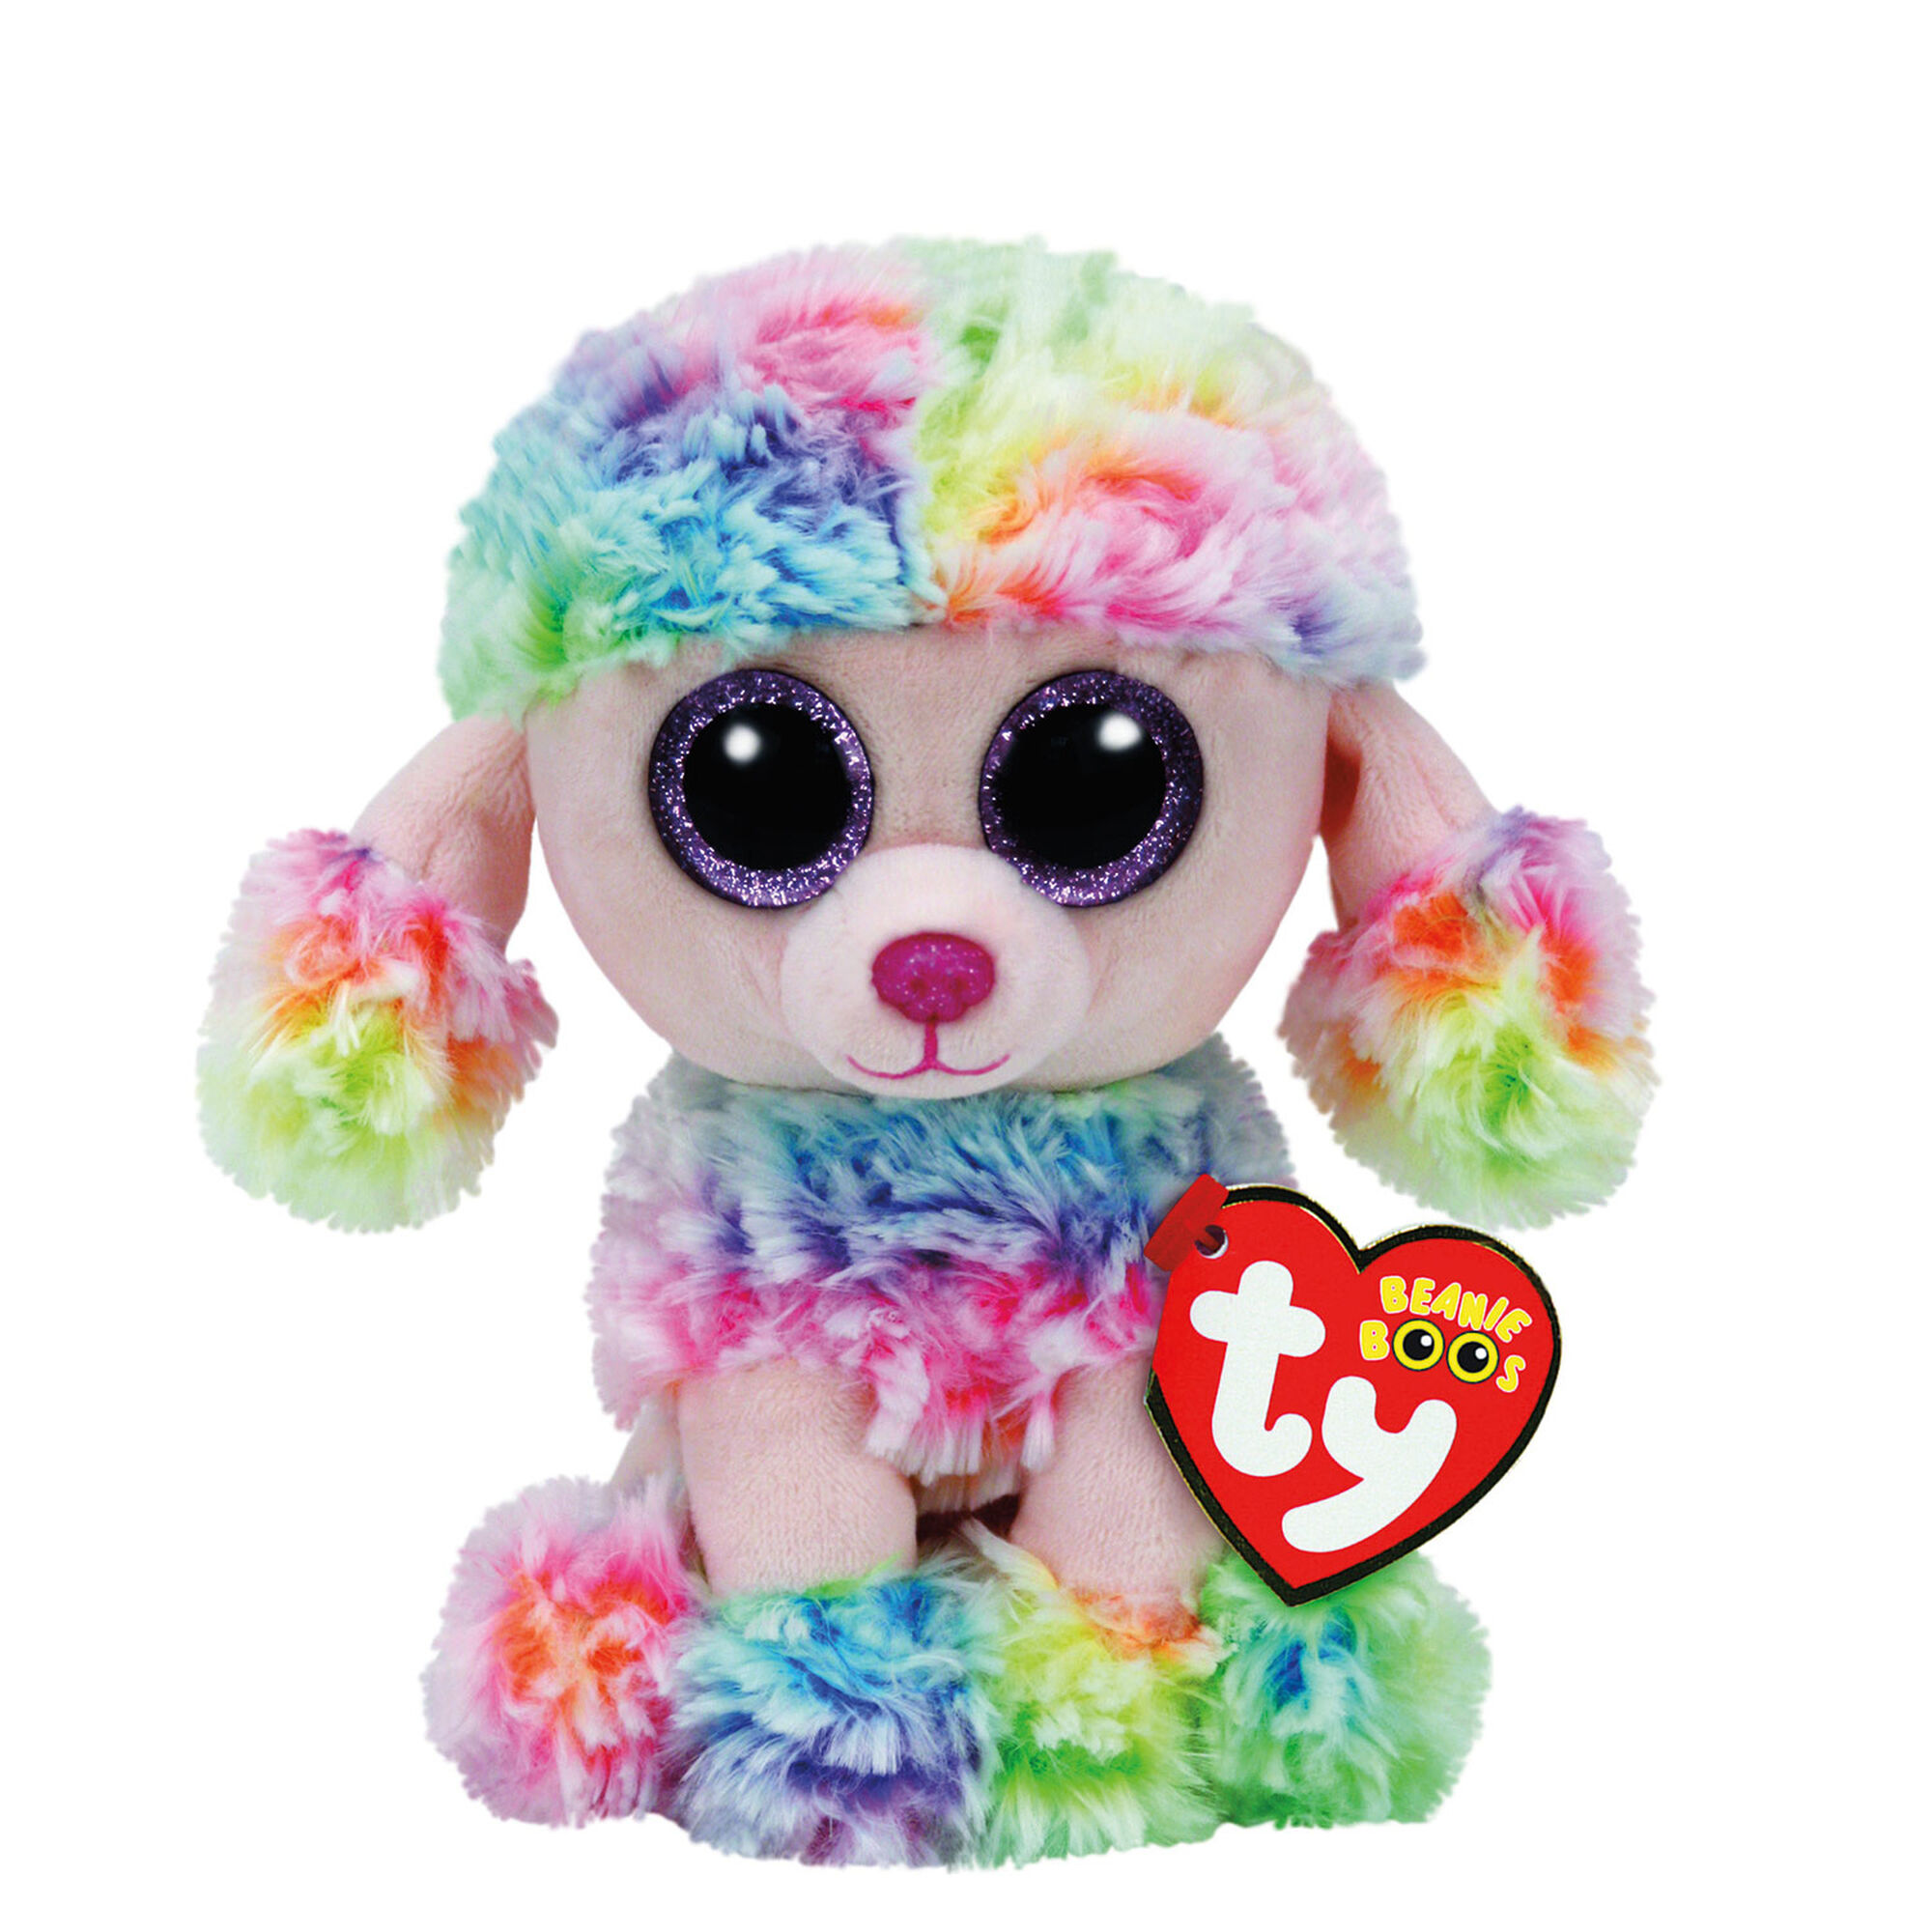 Beanie Boo 2048